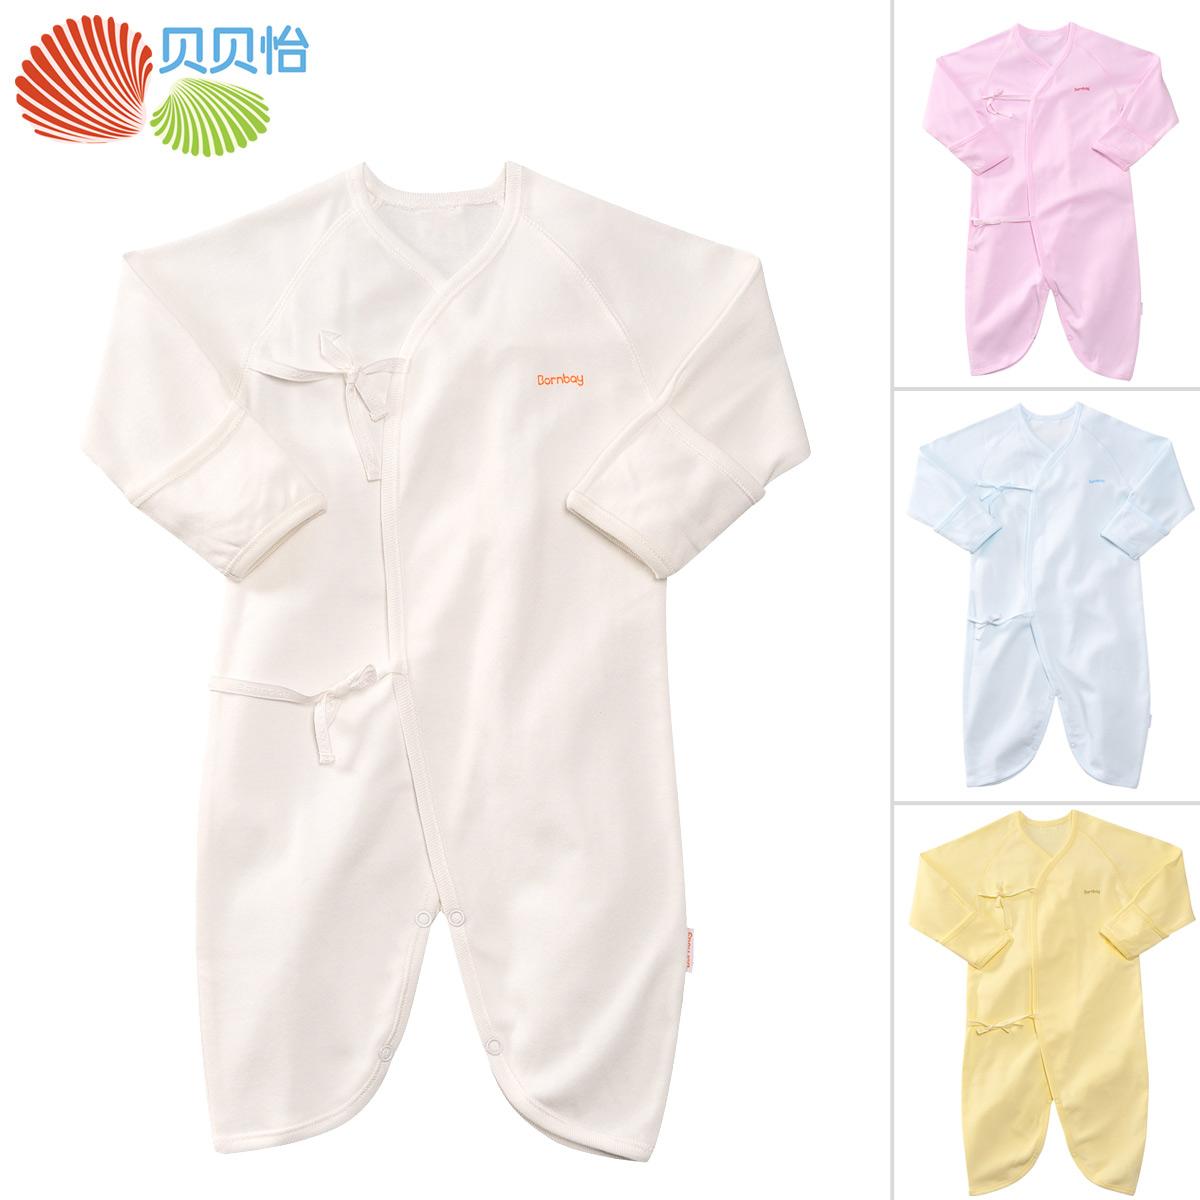 Одежда с запахом Bornbay / Beibei Yi Хлопок (95 и выше) Застёжка сбоку на верёвочки % Длинный рукав